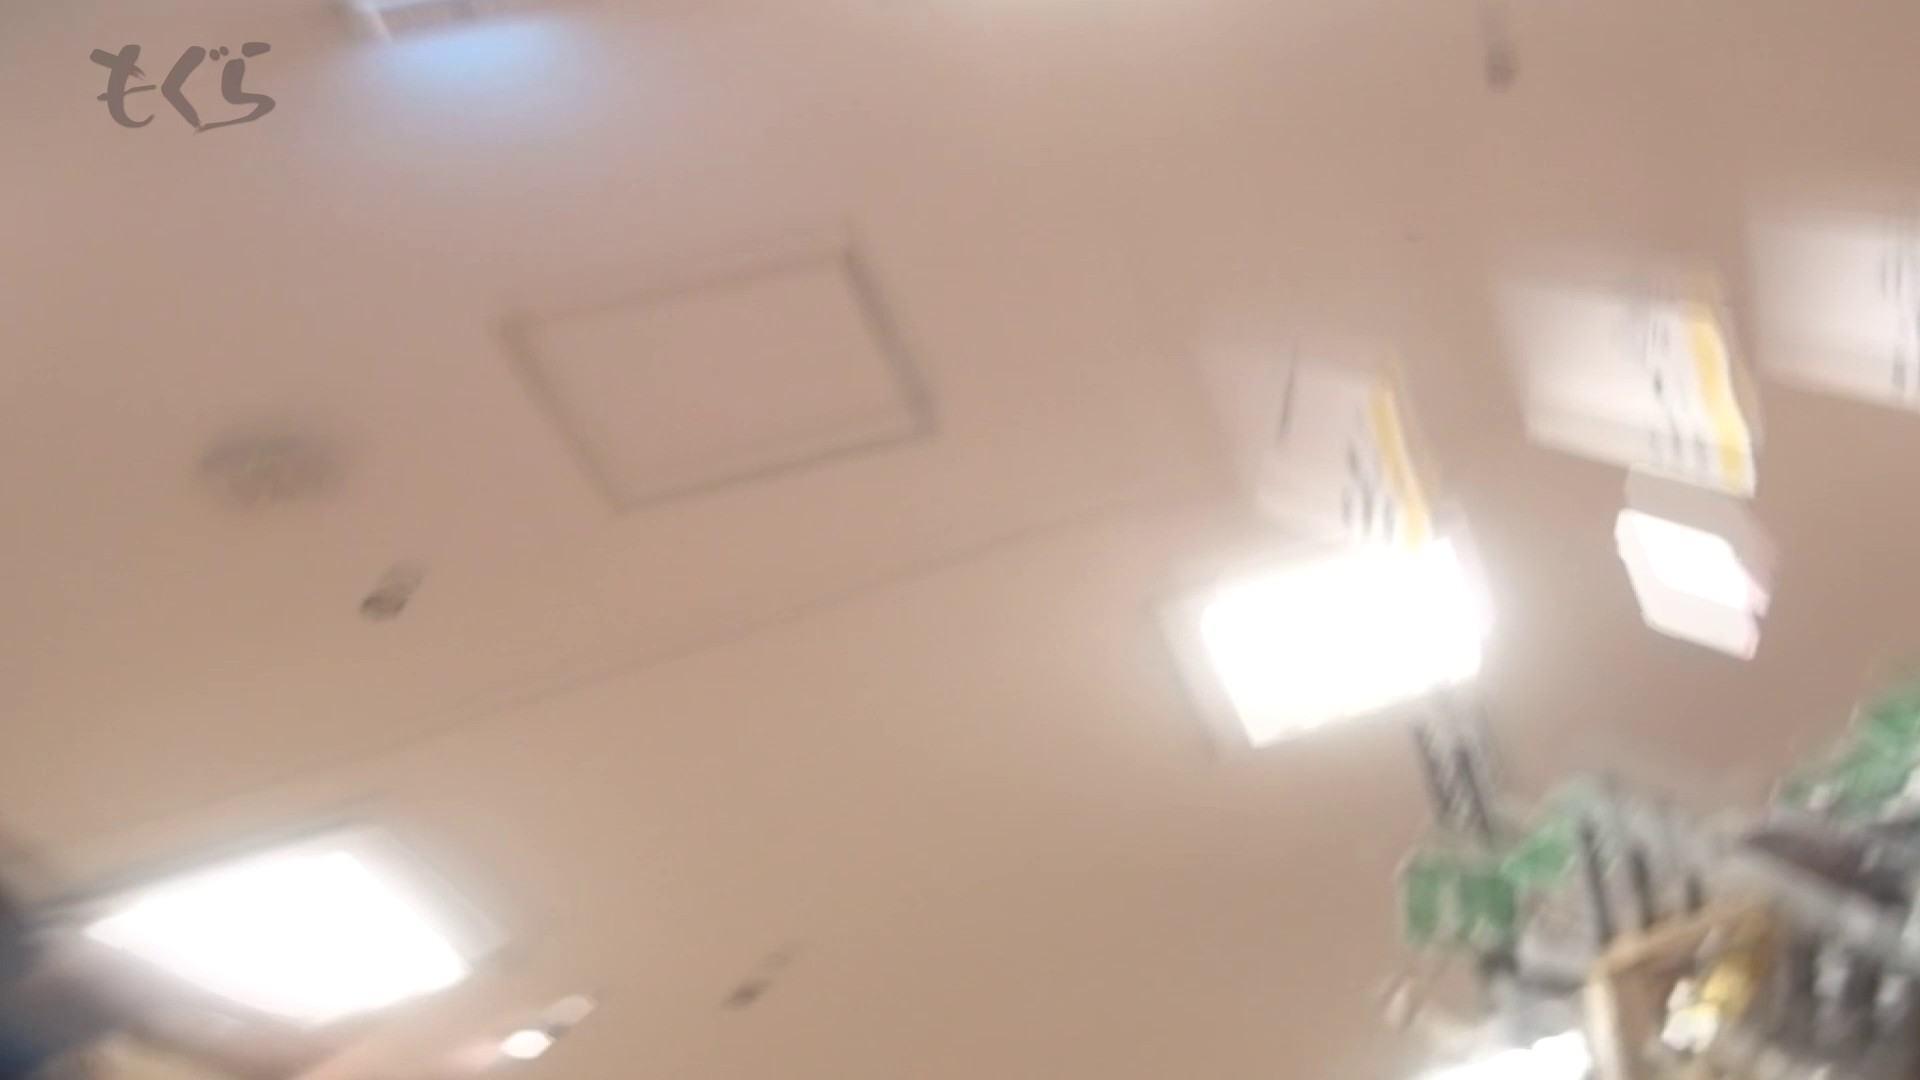 無料アダルト動画:隣からNo14 夏感漂うひらひらスカート!!:怪盗ジョーカー